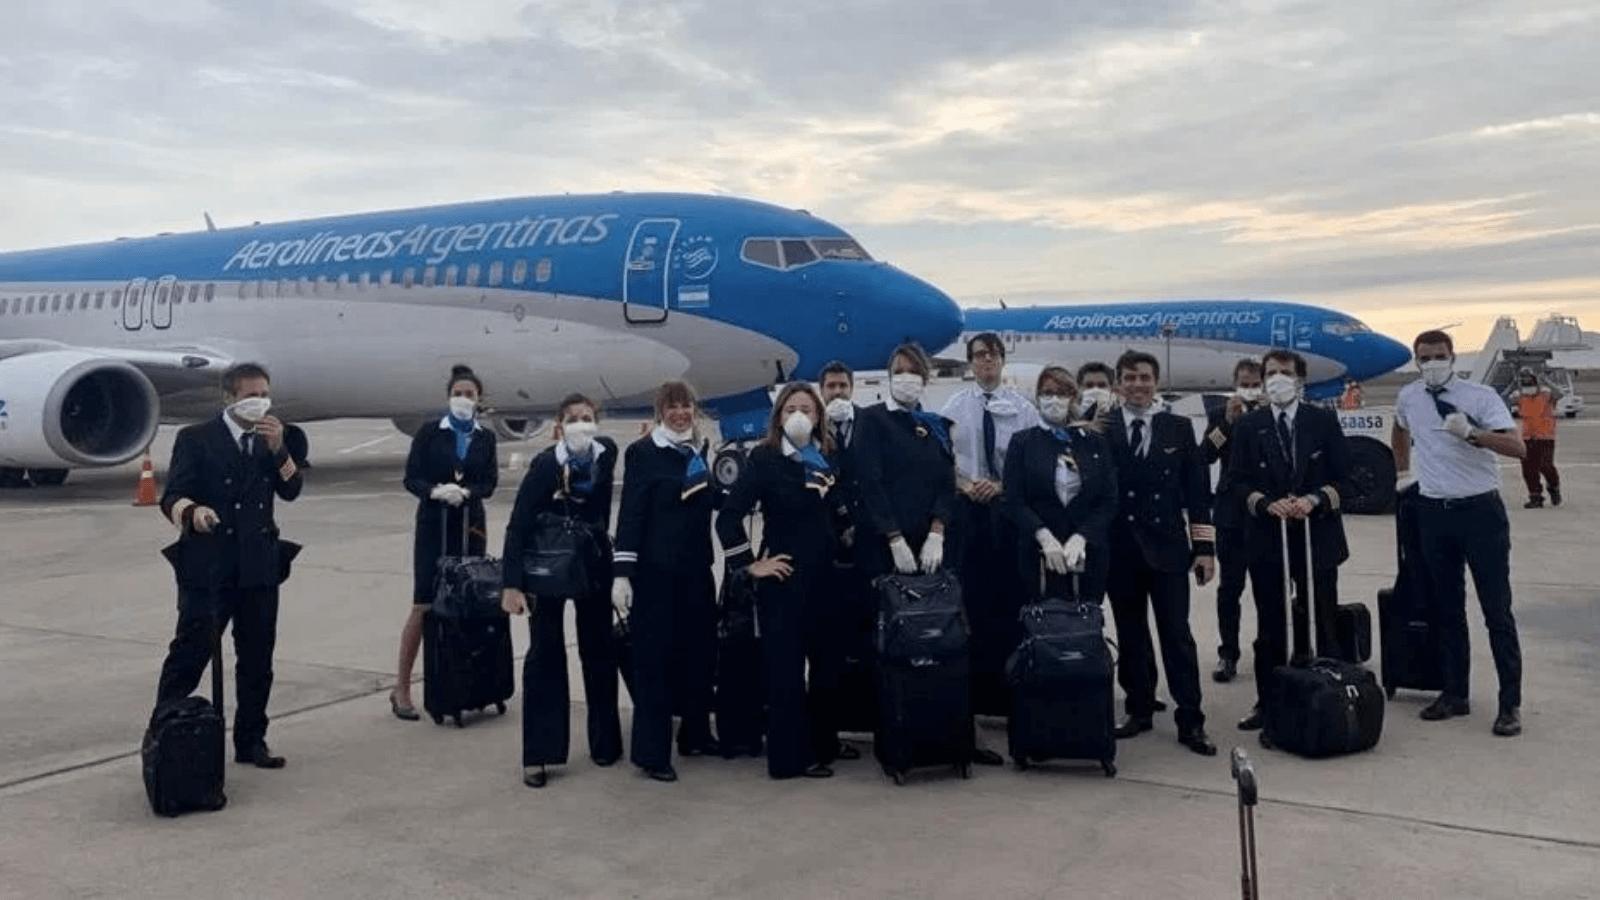 Aerolíneas Argentinas anuncia cinco nuevos vuelos especiales de repatriación 2